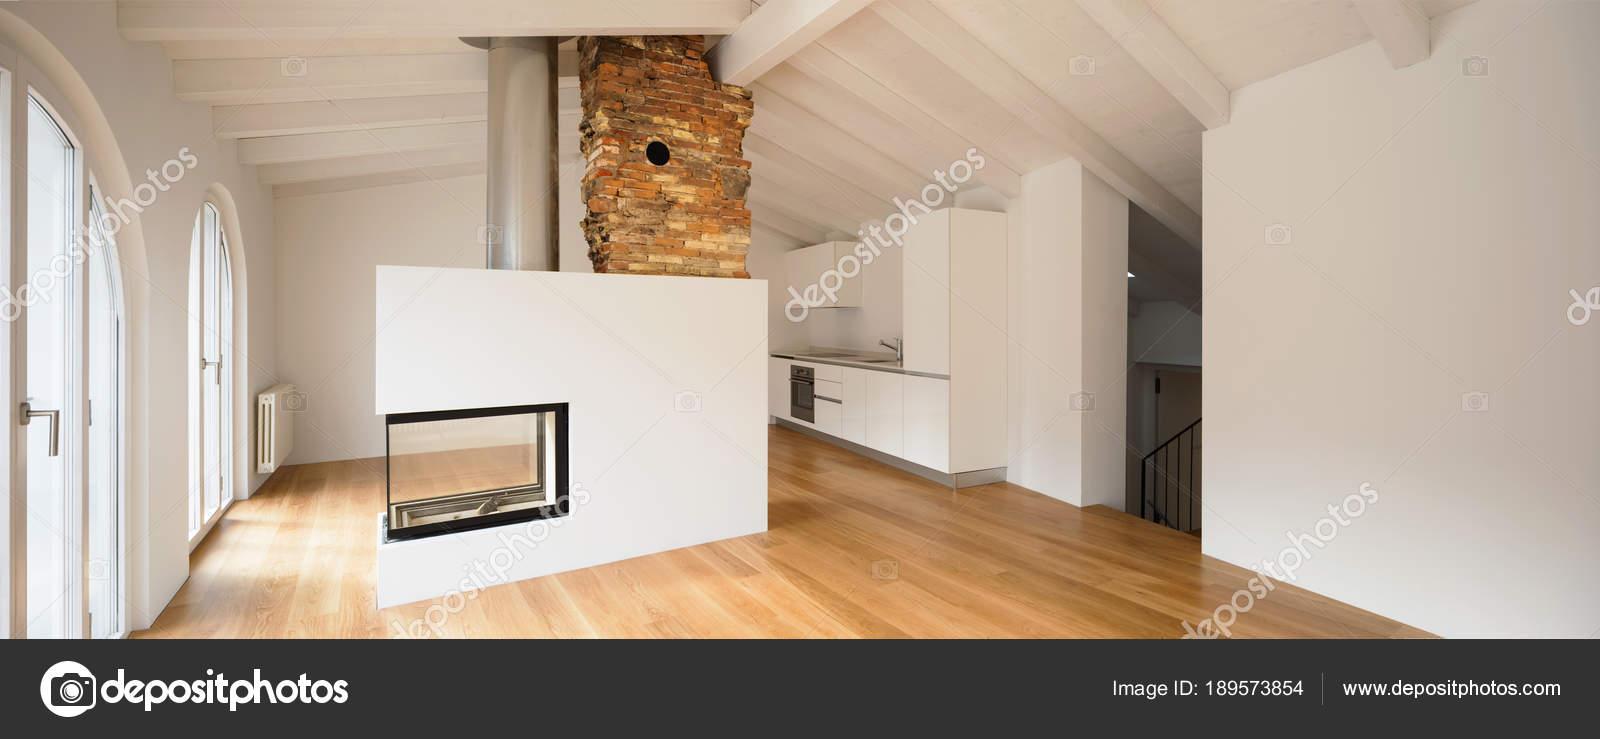 Modernes Wohnzimmer mit Kamin in der Mitte — Stockfoto ...